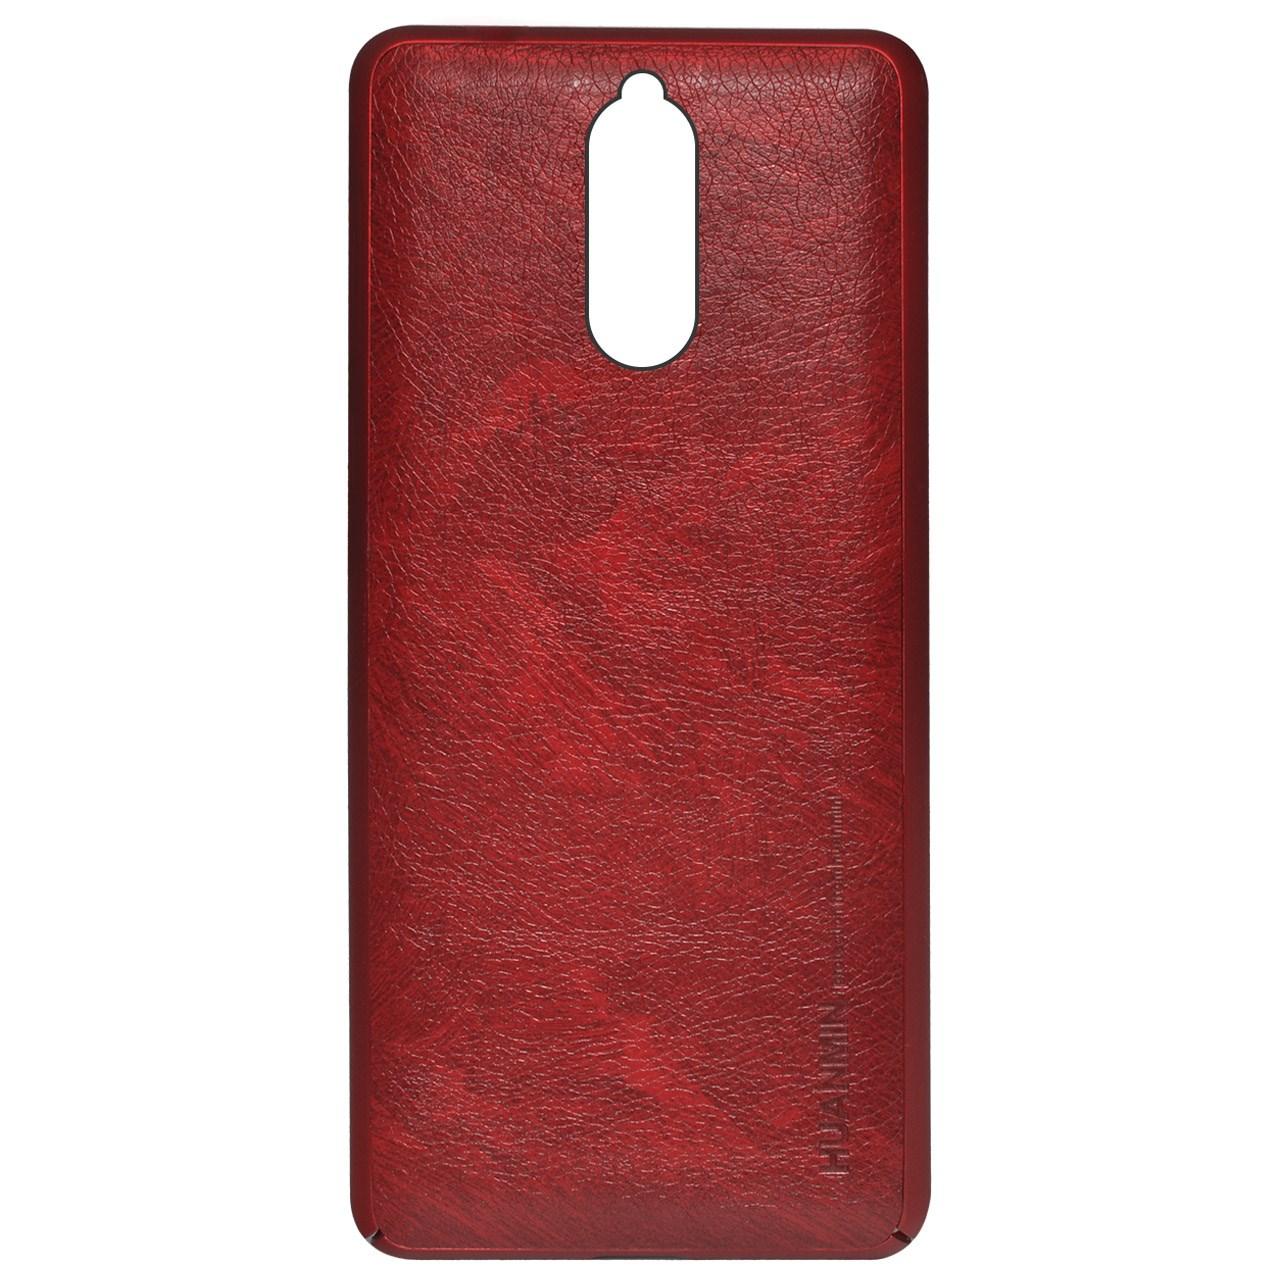 کاور اچ دبلیو مدل Thin Leather مناسب برای گوشی موبایل هوآوی Mate 10 Lite/Nova 2